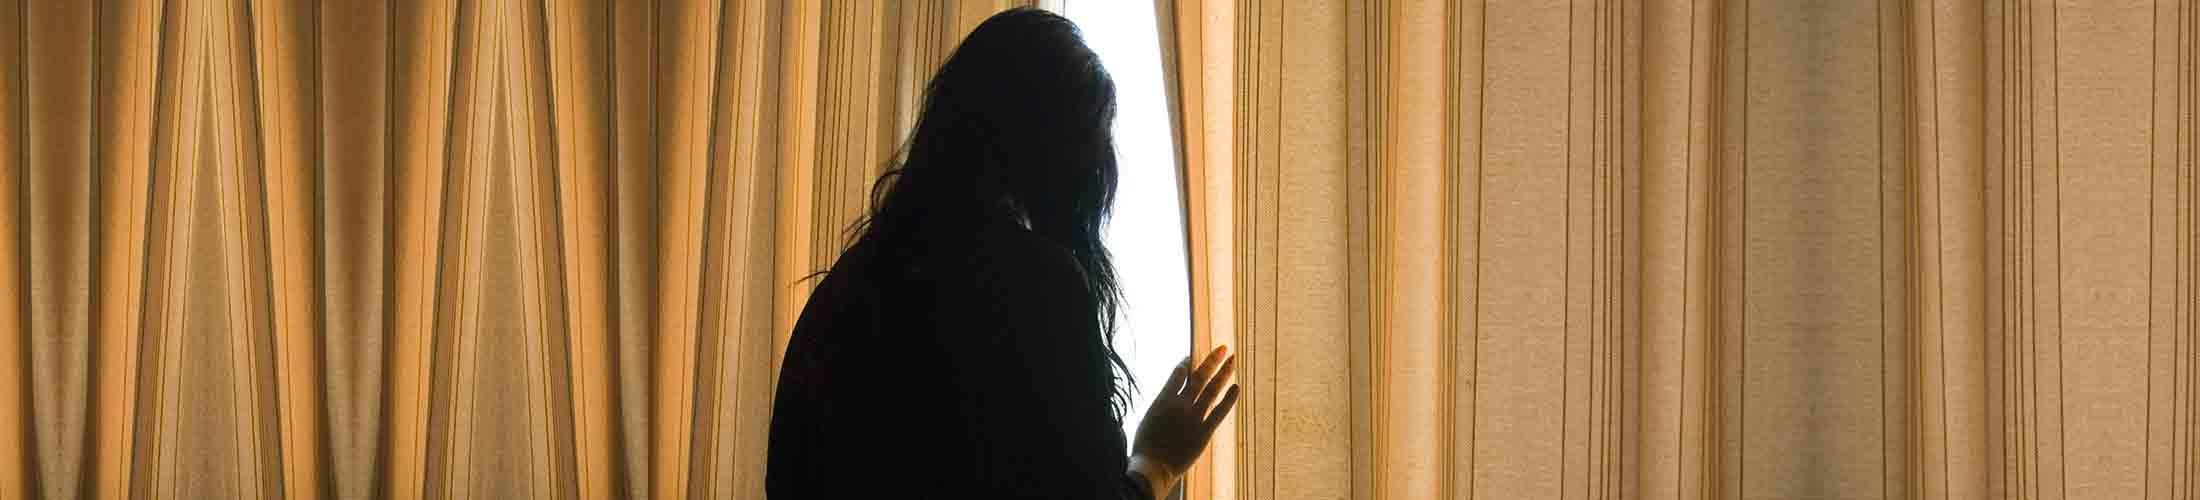 Agoraphobie - Wenn die Angst das tägliche Leben beherrscht